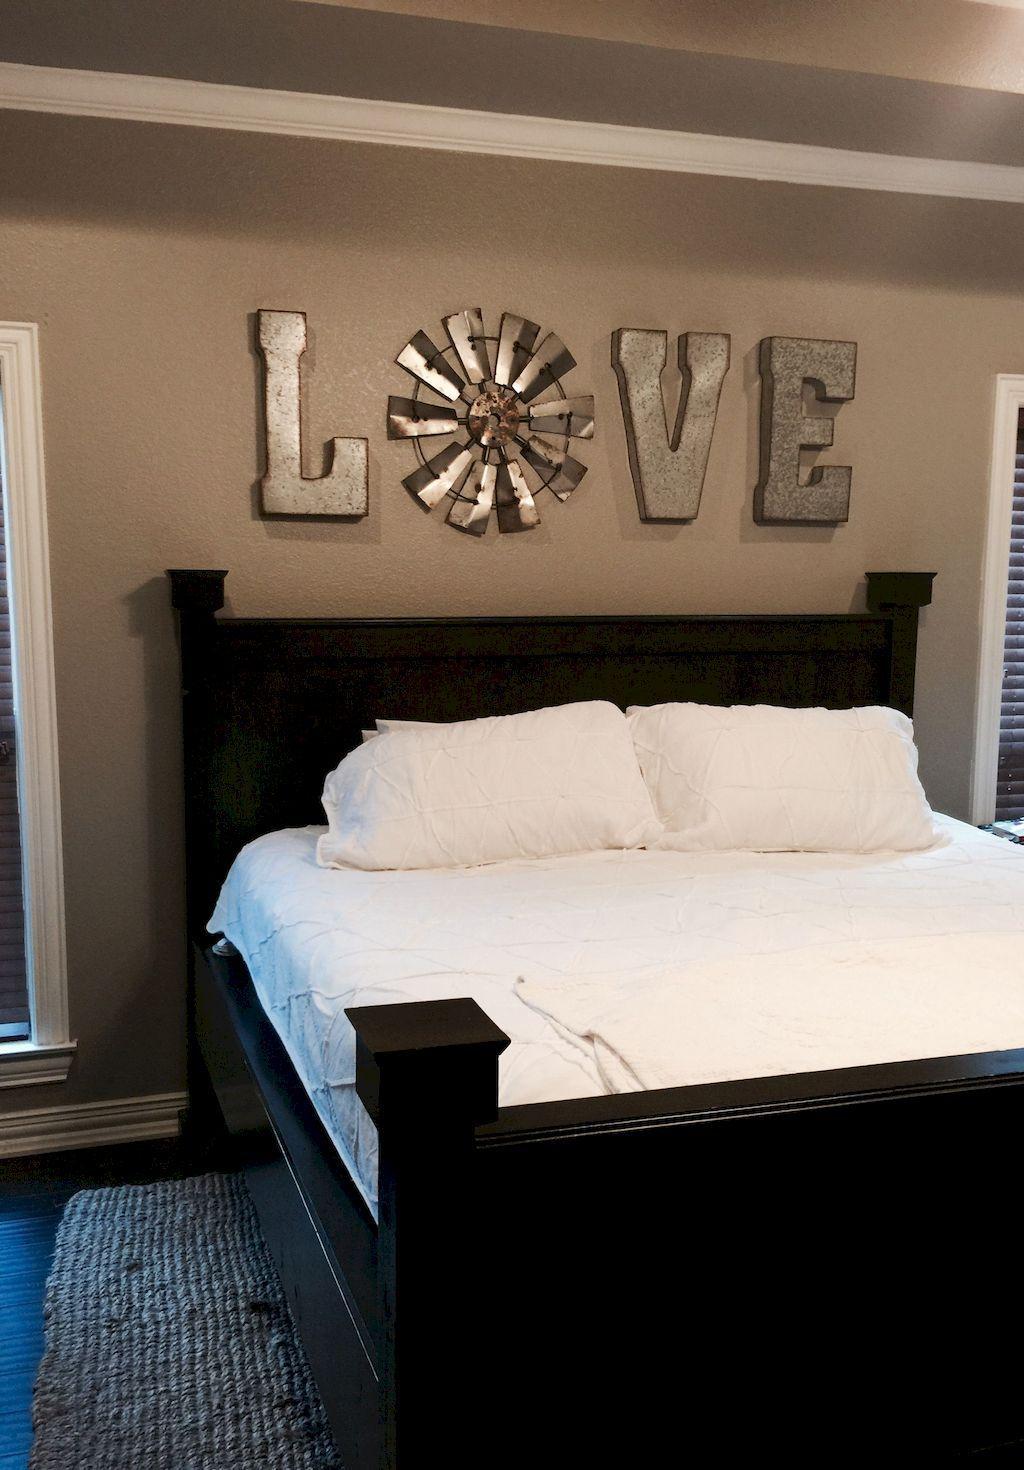 25 Inviting And Cozy Farmhouse Bedroom (The Visual Treats) - A22